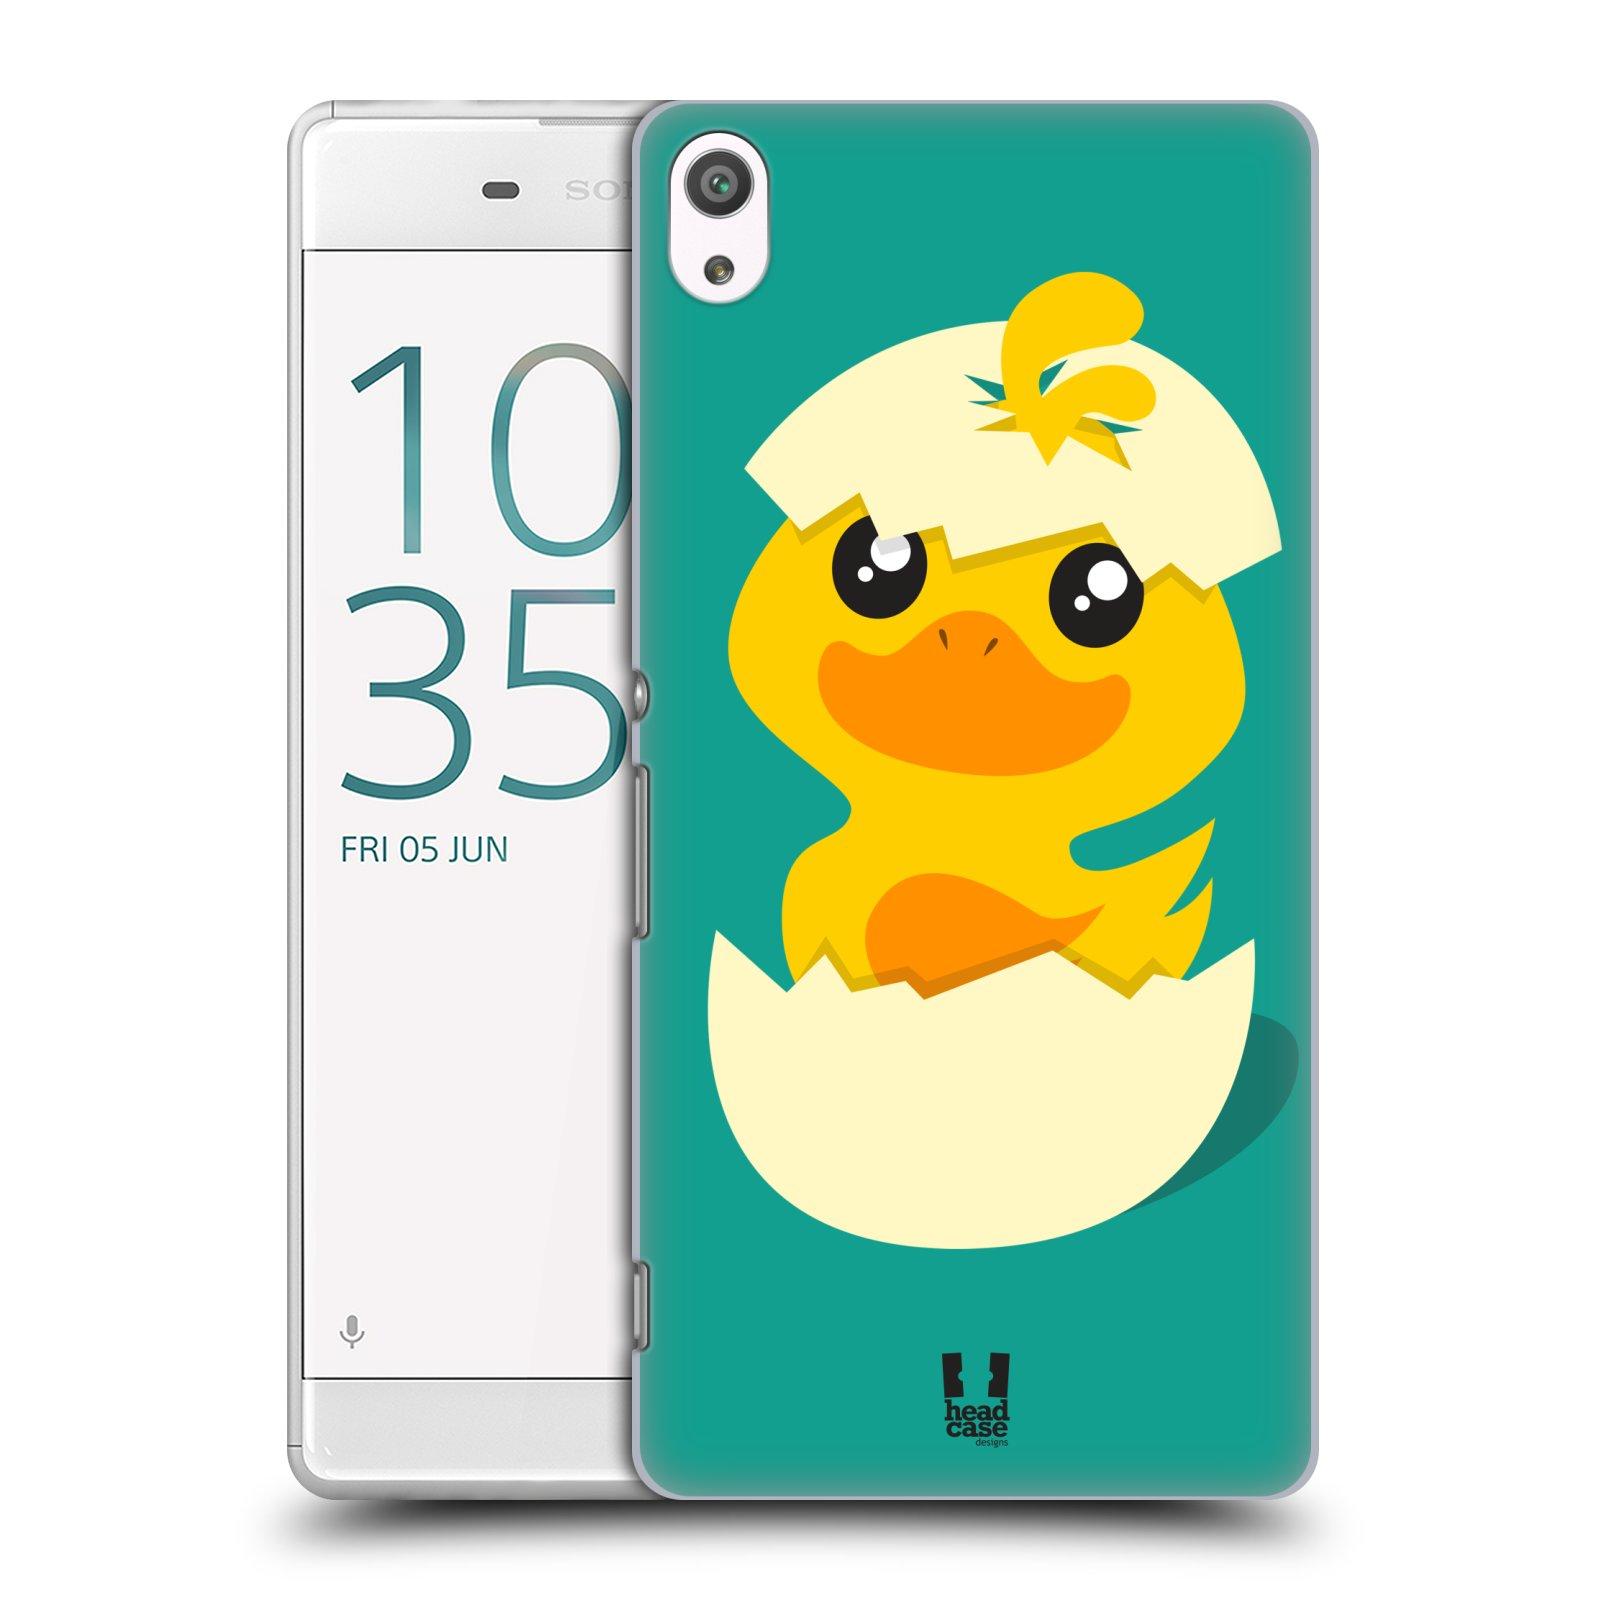 Plastové pouzdro na mobil Sony Xperia XA Ultra HEAD CASE KACHNIČKA Z VAJÍČKA (Plastový kryt či obal na mobilní telefon Sony Xperia XA Ultra F3211)